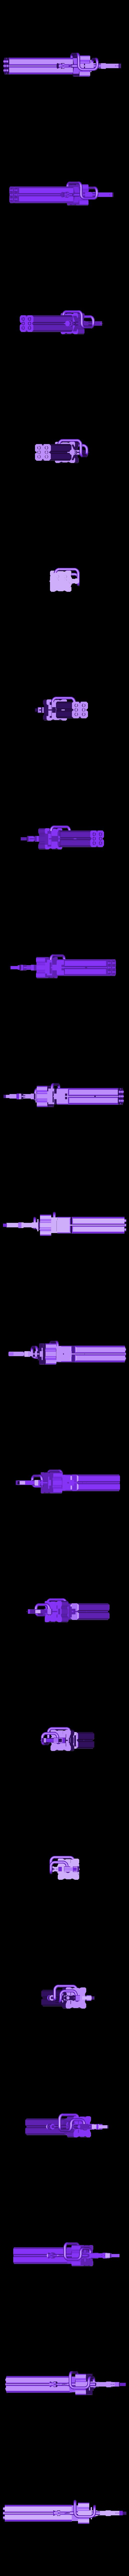 Titanfall_Northstar_Plasma_Railgun.stl Télécharger fichier STL gratuit Pistolet à air comprimé à plasma Northstar de Titanfall • Design pour impression 3D, Z-mech